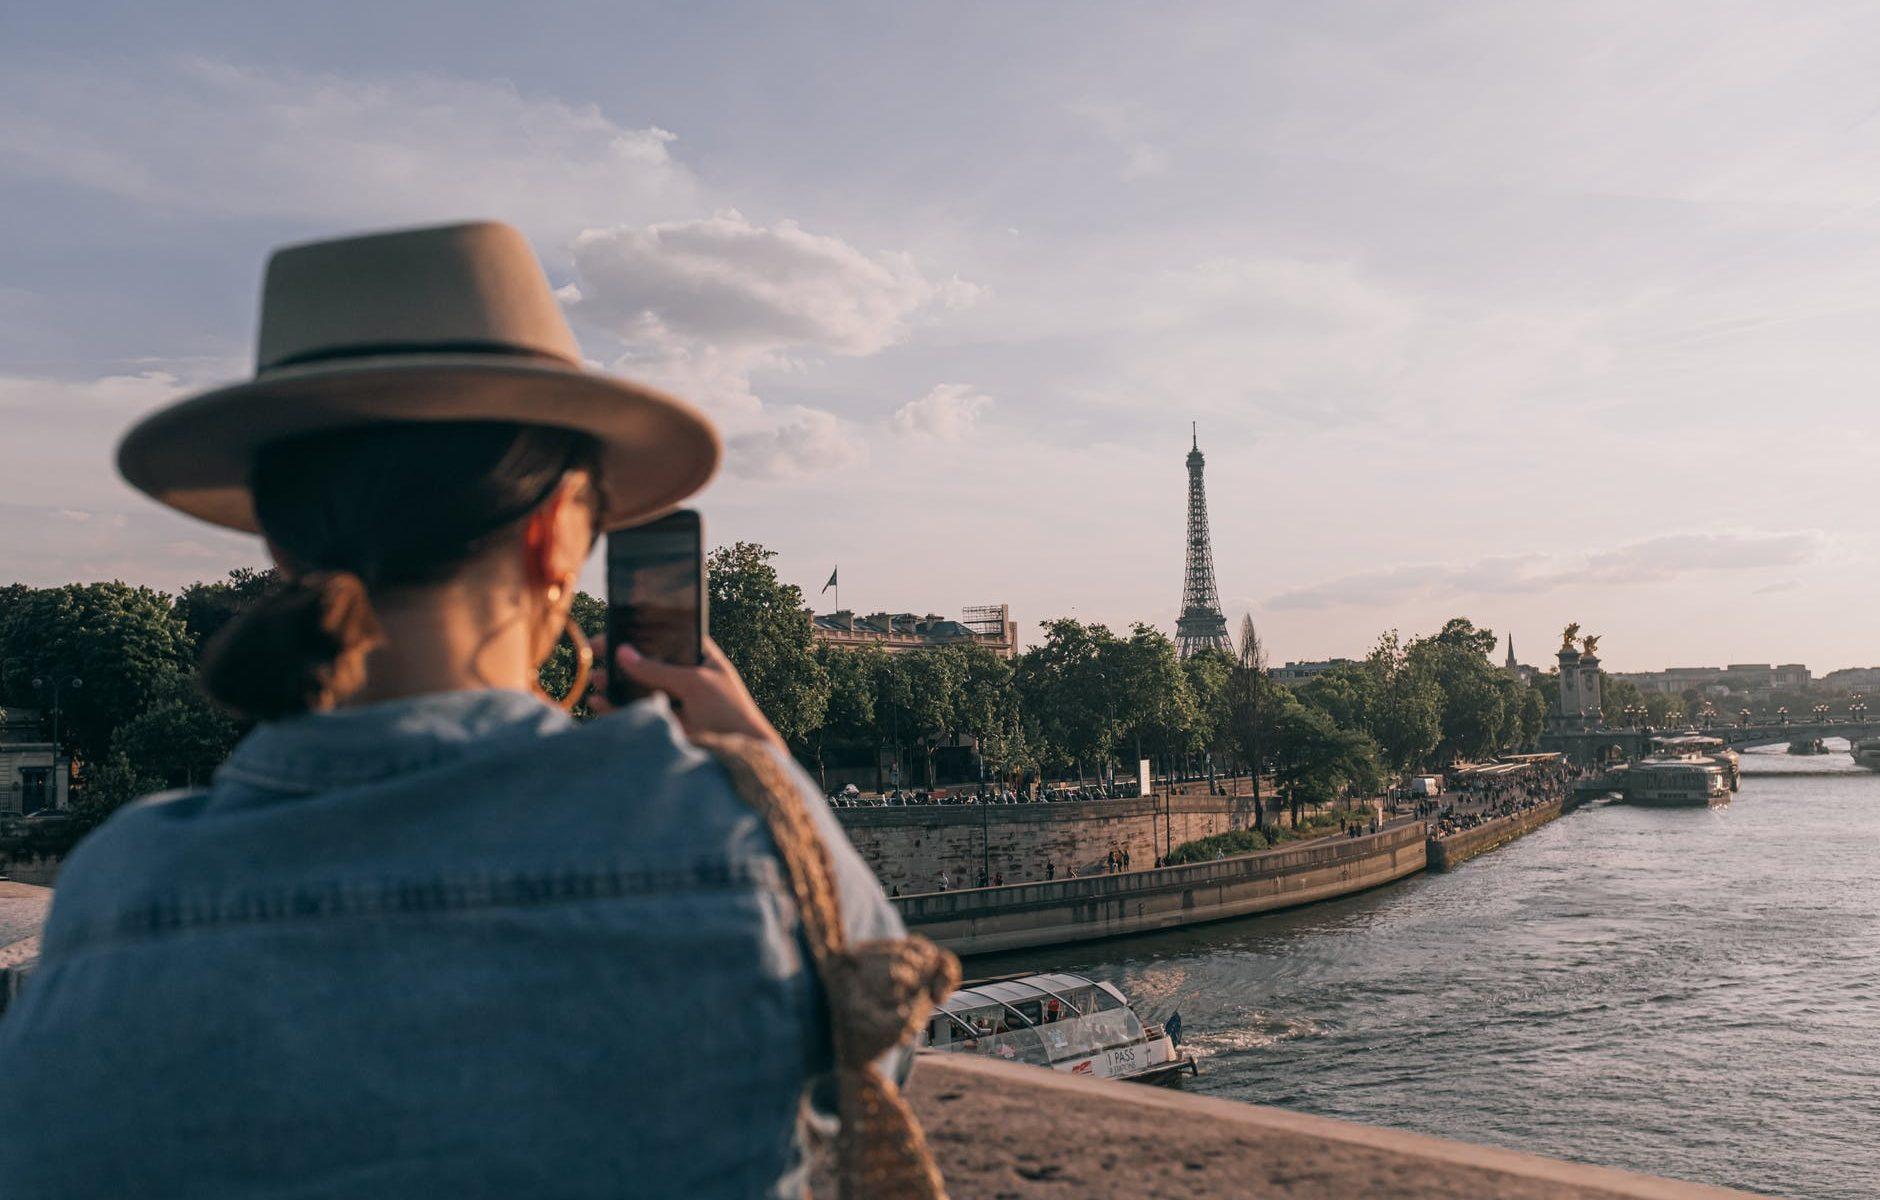 Os 5 melhores telemóveis para amantes de viagens 2020 © Pexels